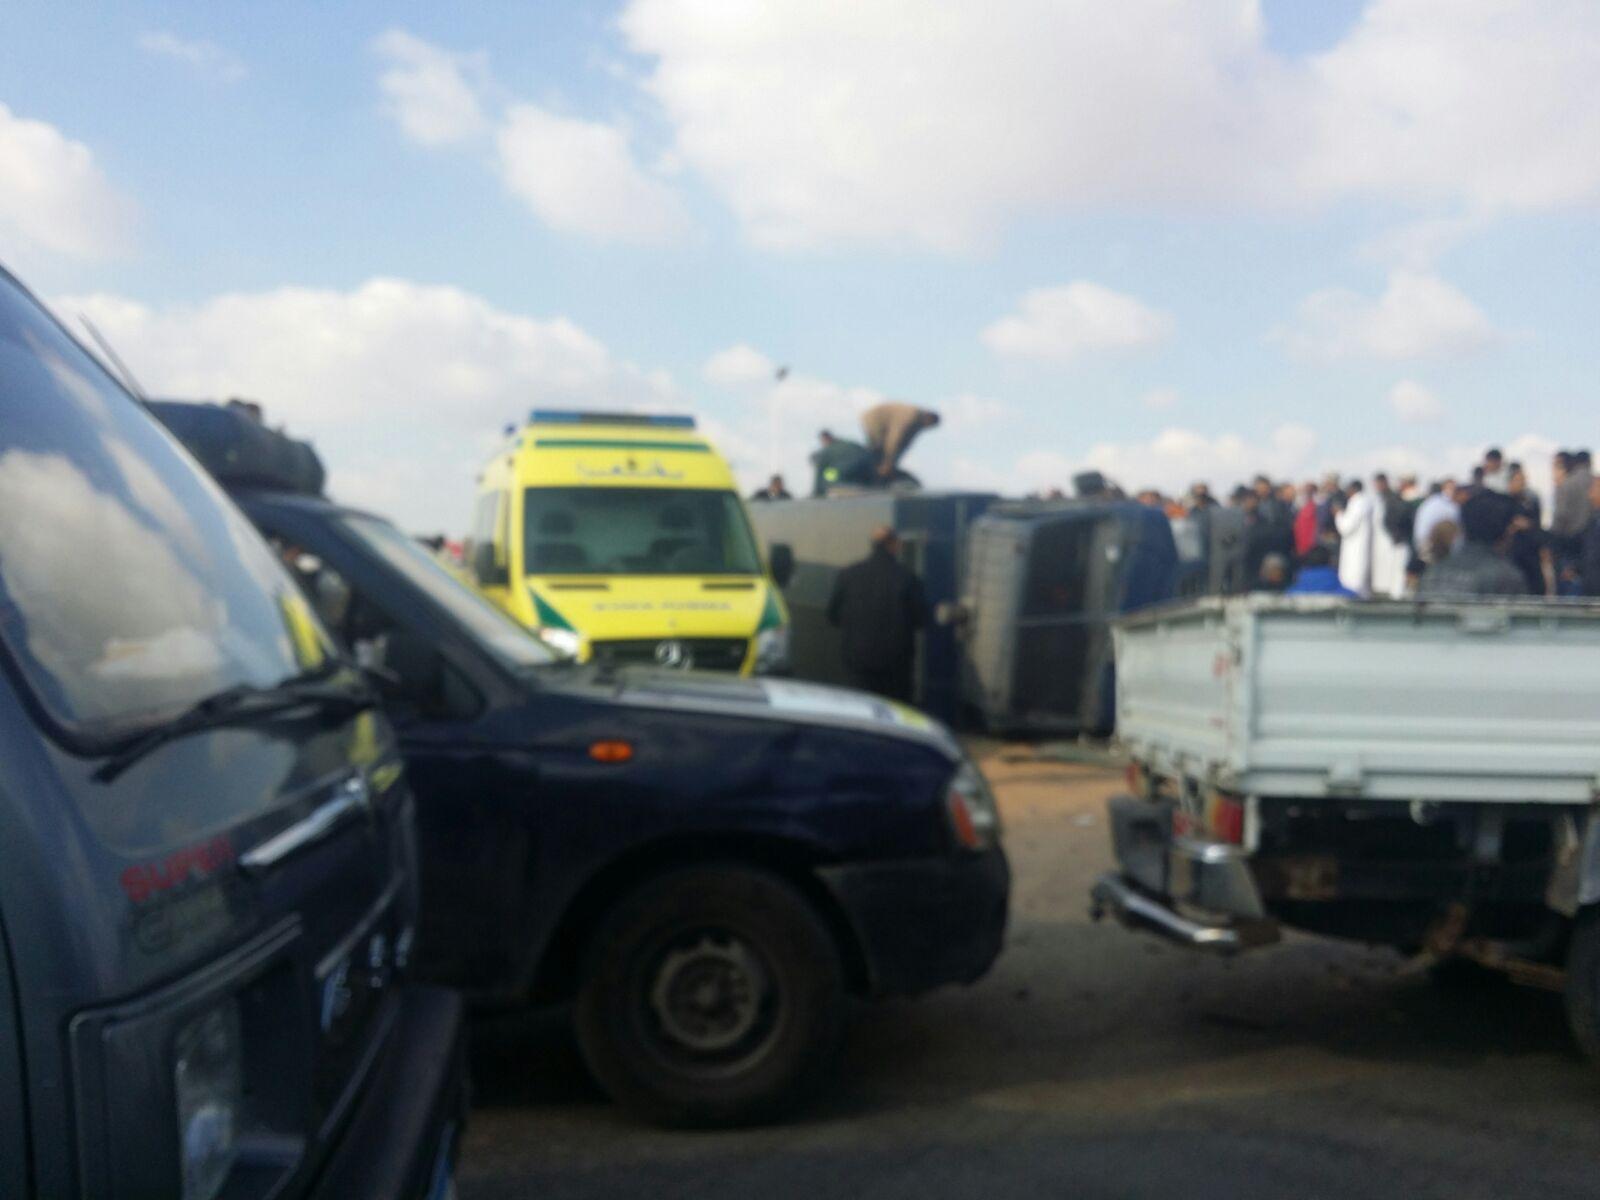 انقلاب سيارة شرطة مُحملة بالجنود بالإسماعيلية